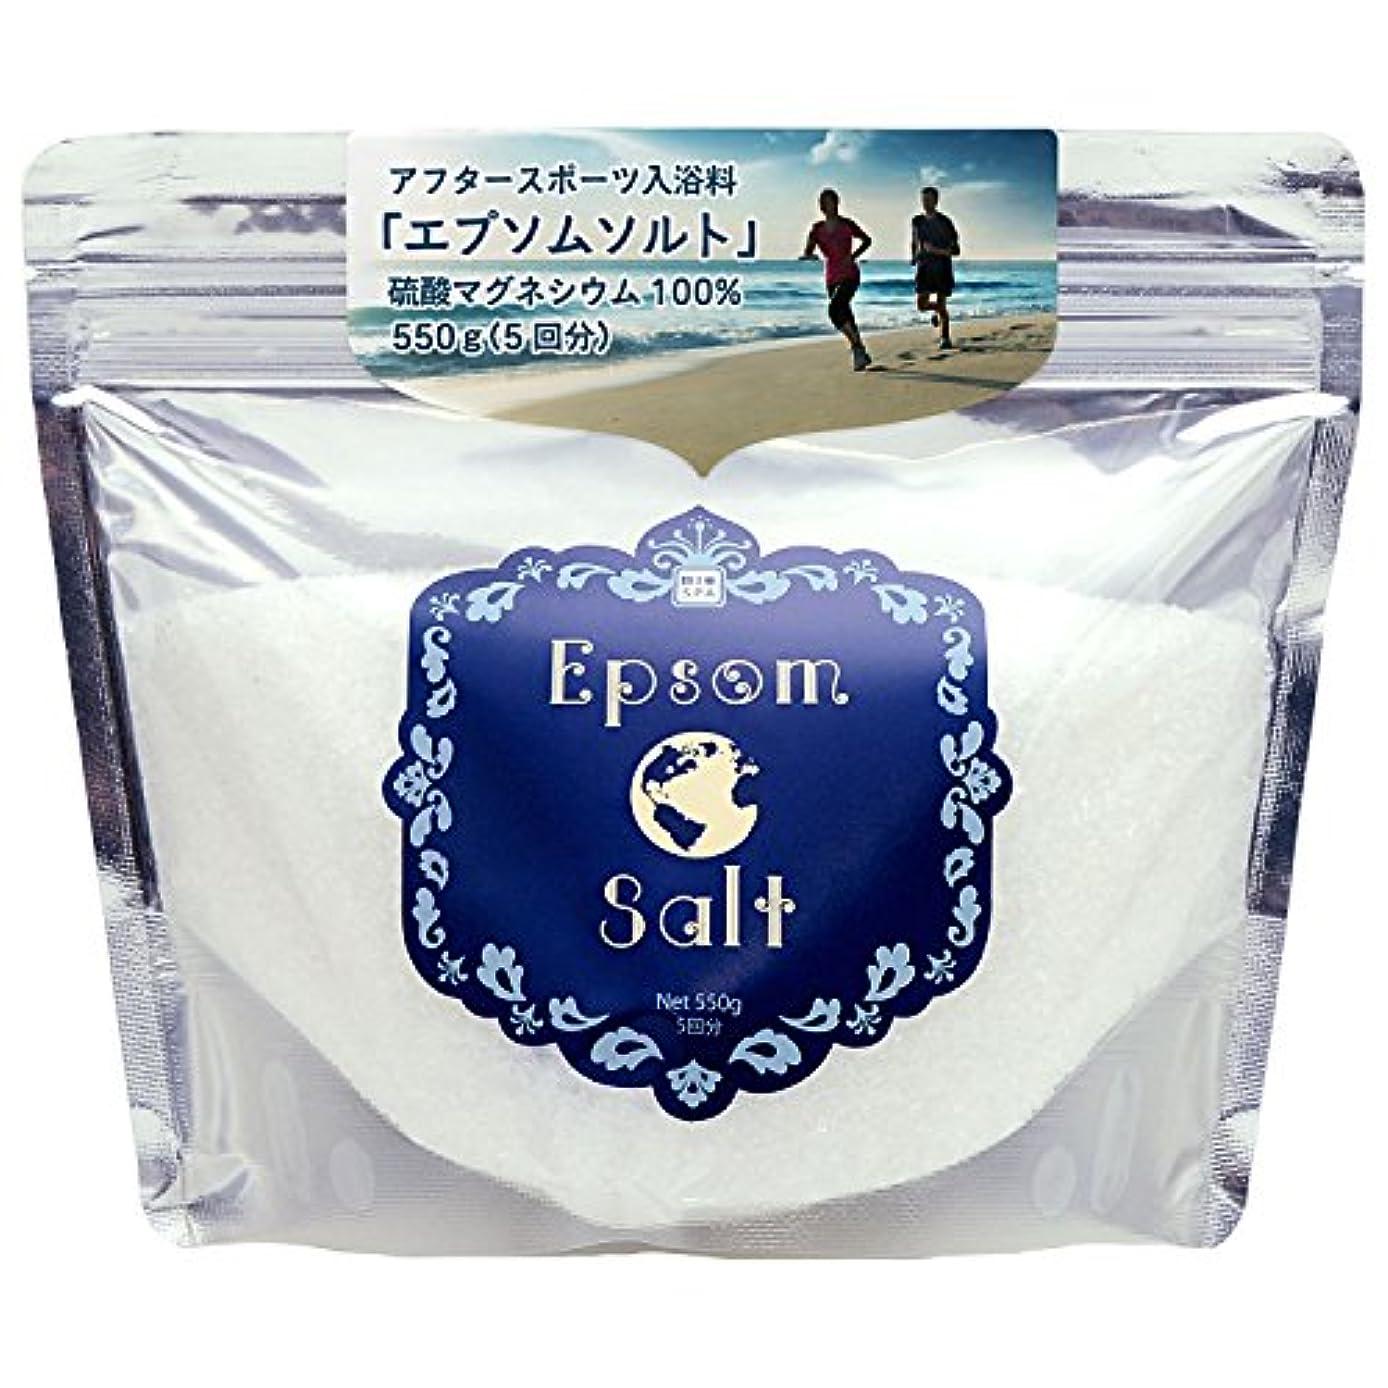 はげしばしばましいBIOSPA(ビオスパ) 入浴剤 エプソムソルト スポーツエディション 550g 約5回分 軽量スプーン付 EBS402